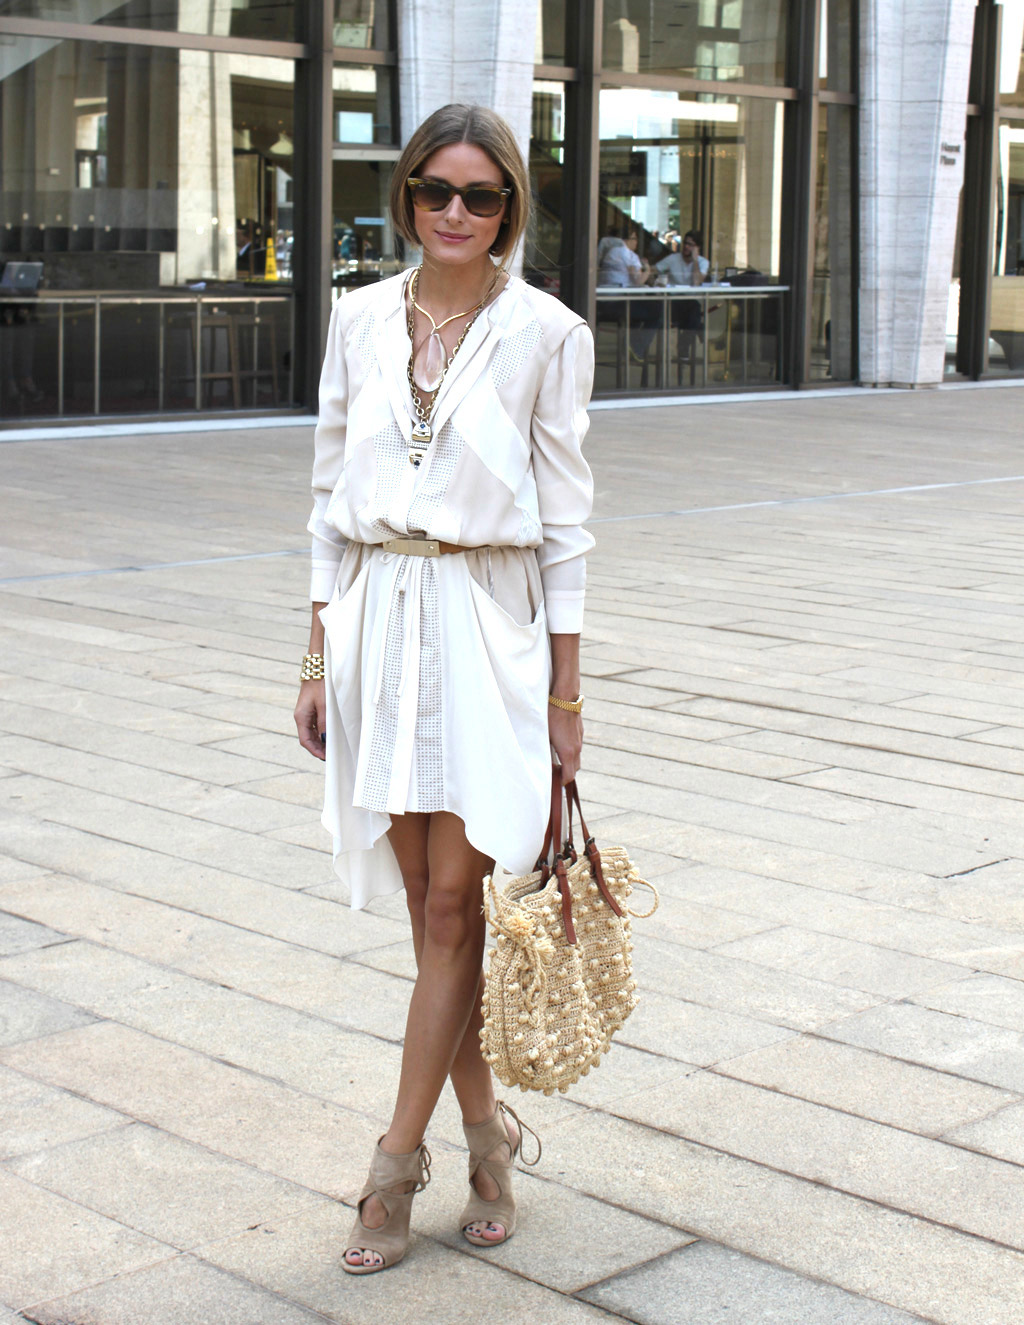 Olivia Palermo porte la robe chemise de manière très élégante, ceinturée avec des sandales Aquazurra aux talons hauts.